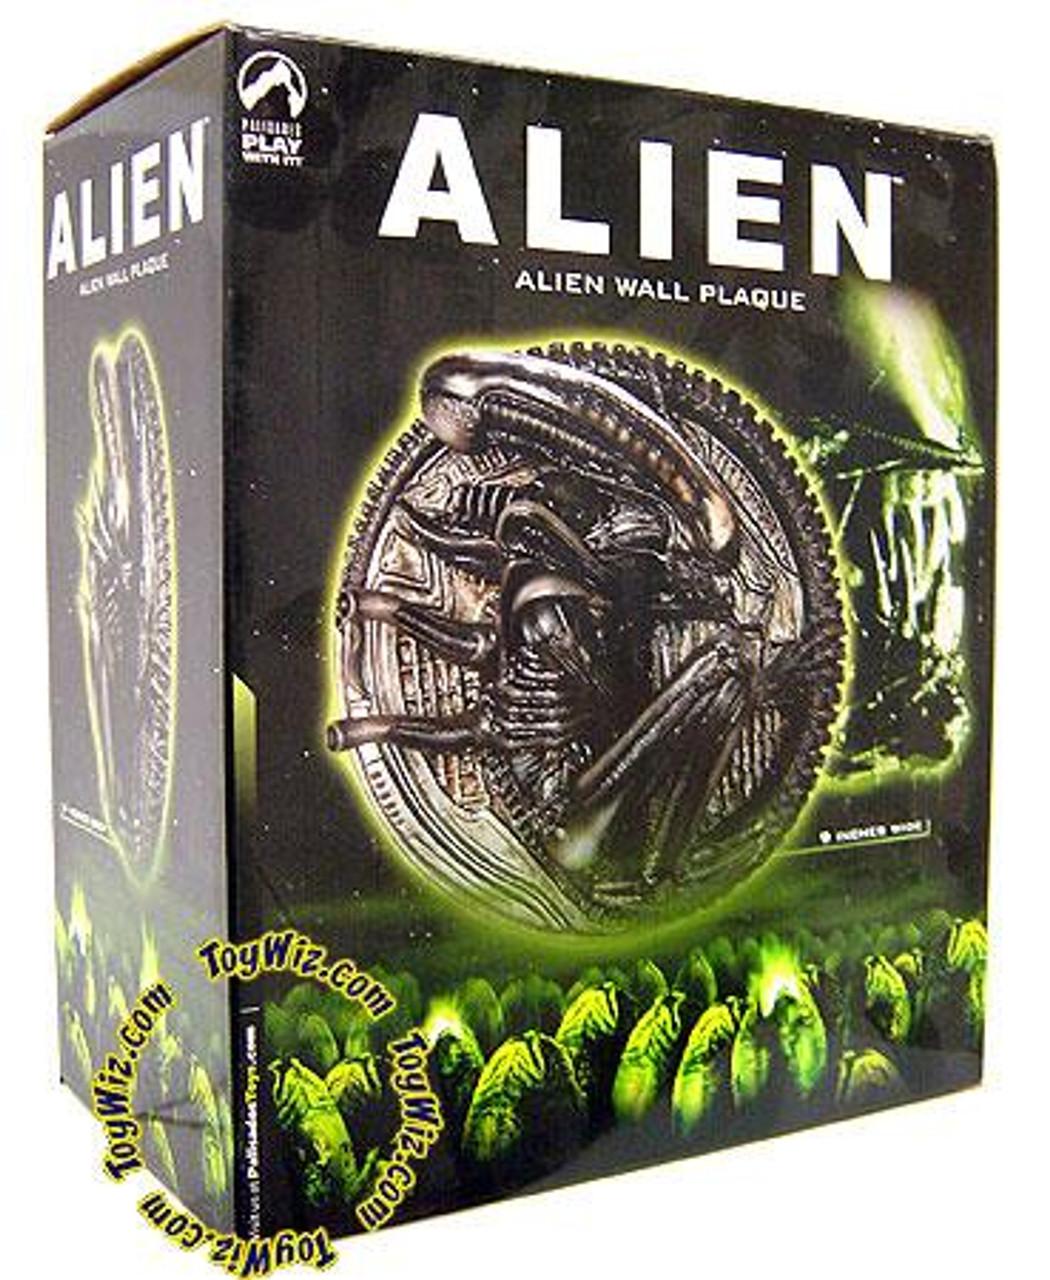 Alien Wall Plaque